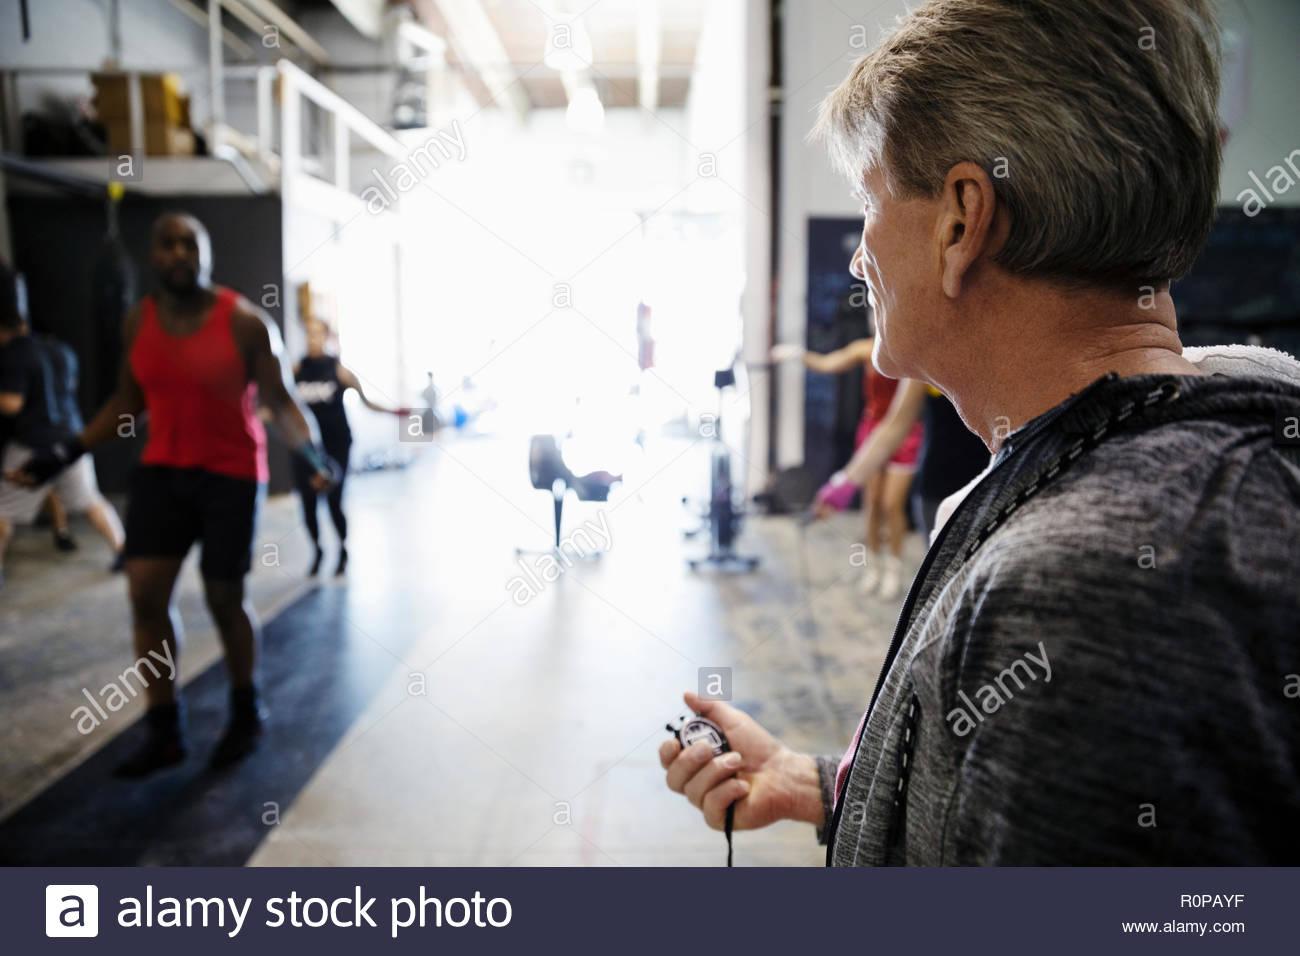 Trainer con cronometro boxer maschio jump roping in palestra Immagini Stock